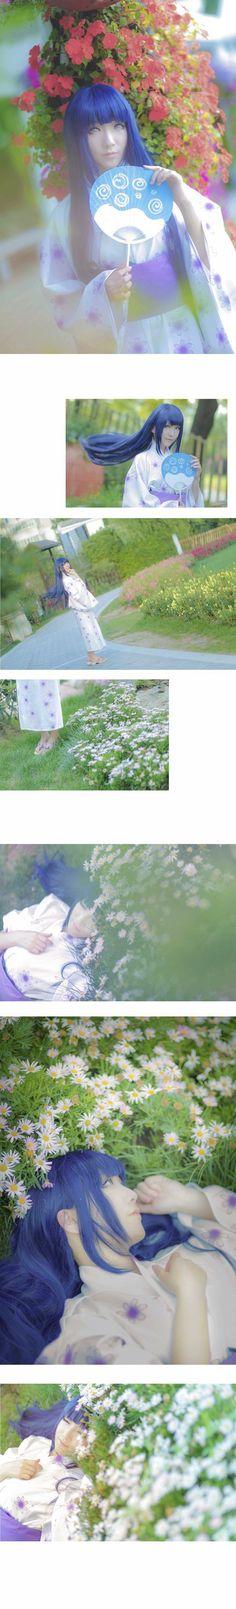 大江户温泉物语 日向雏田 火影忍者 Hinata Hyuga - ALAI(阿濑ALAI) Hinata Hyuga Cosplay Photo - Cure WorldCosplay